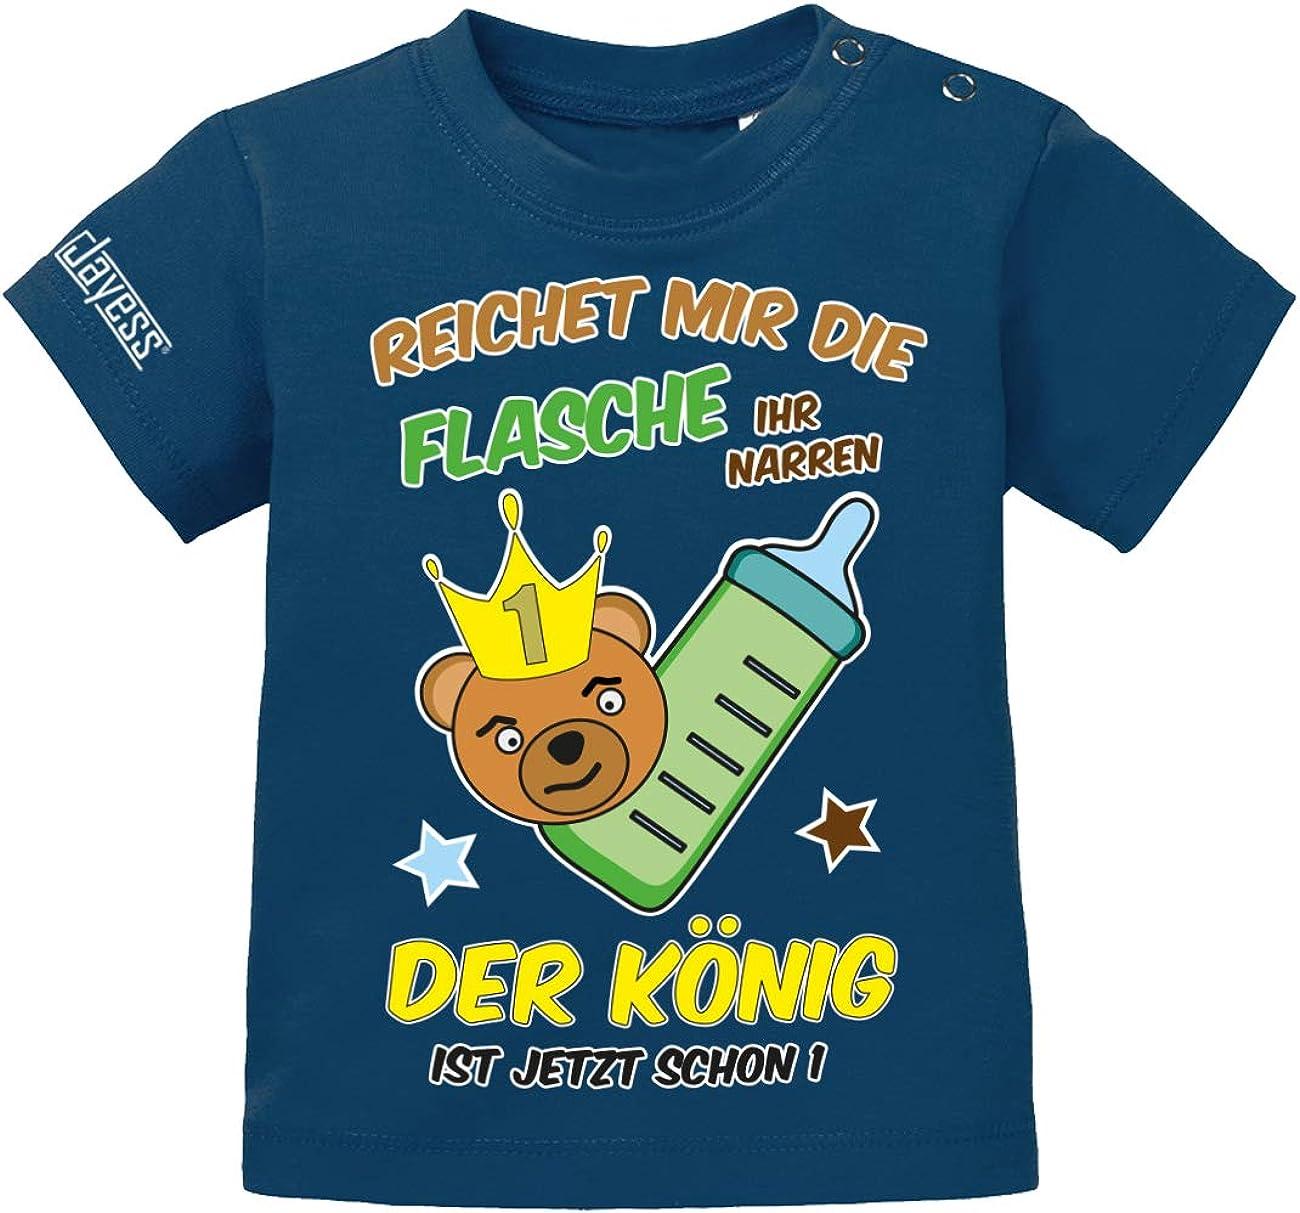 reicht Mir die Flasche Ihr Narren der K/önig ist jetzt Schon 1 Jayess Baby Shirt Jungen zum 1 Geburtstag Teddy